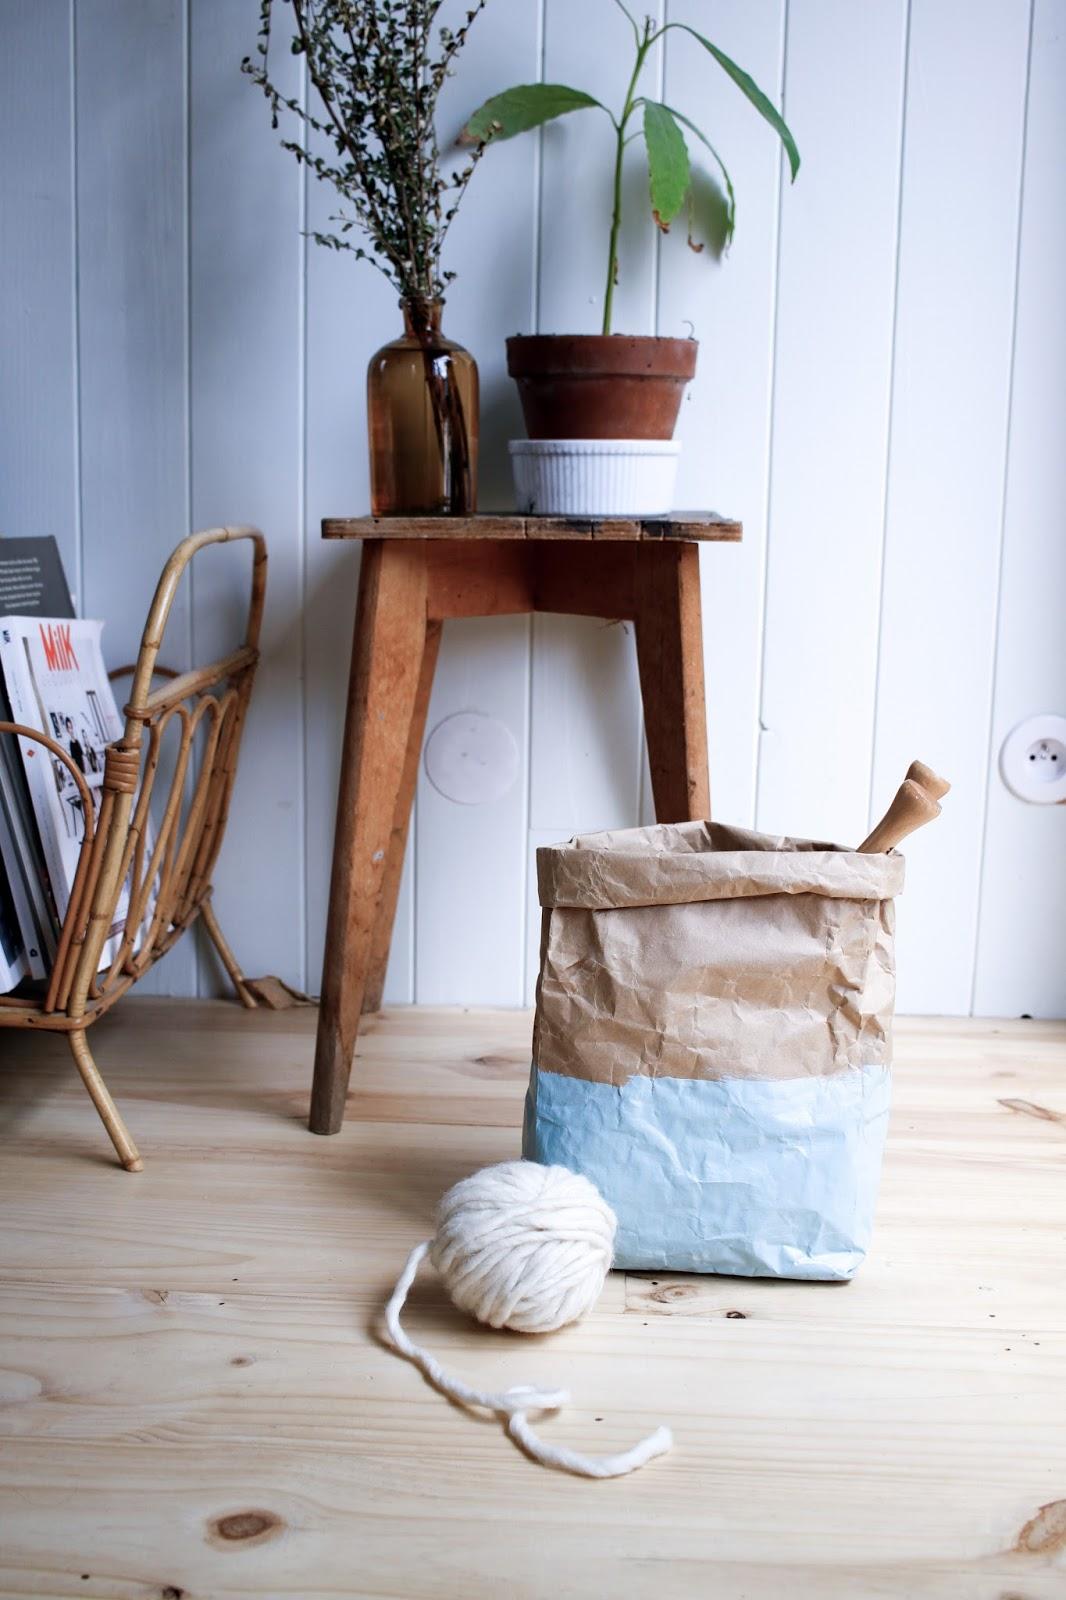 merci raoul id e r cup diy petit panier en papier. Black Bedroom Furniture Sets. Home Design Ideas